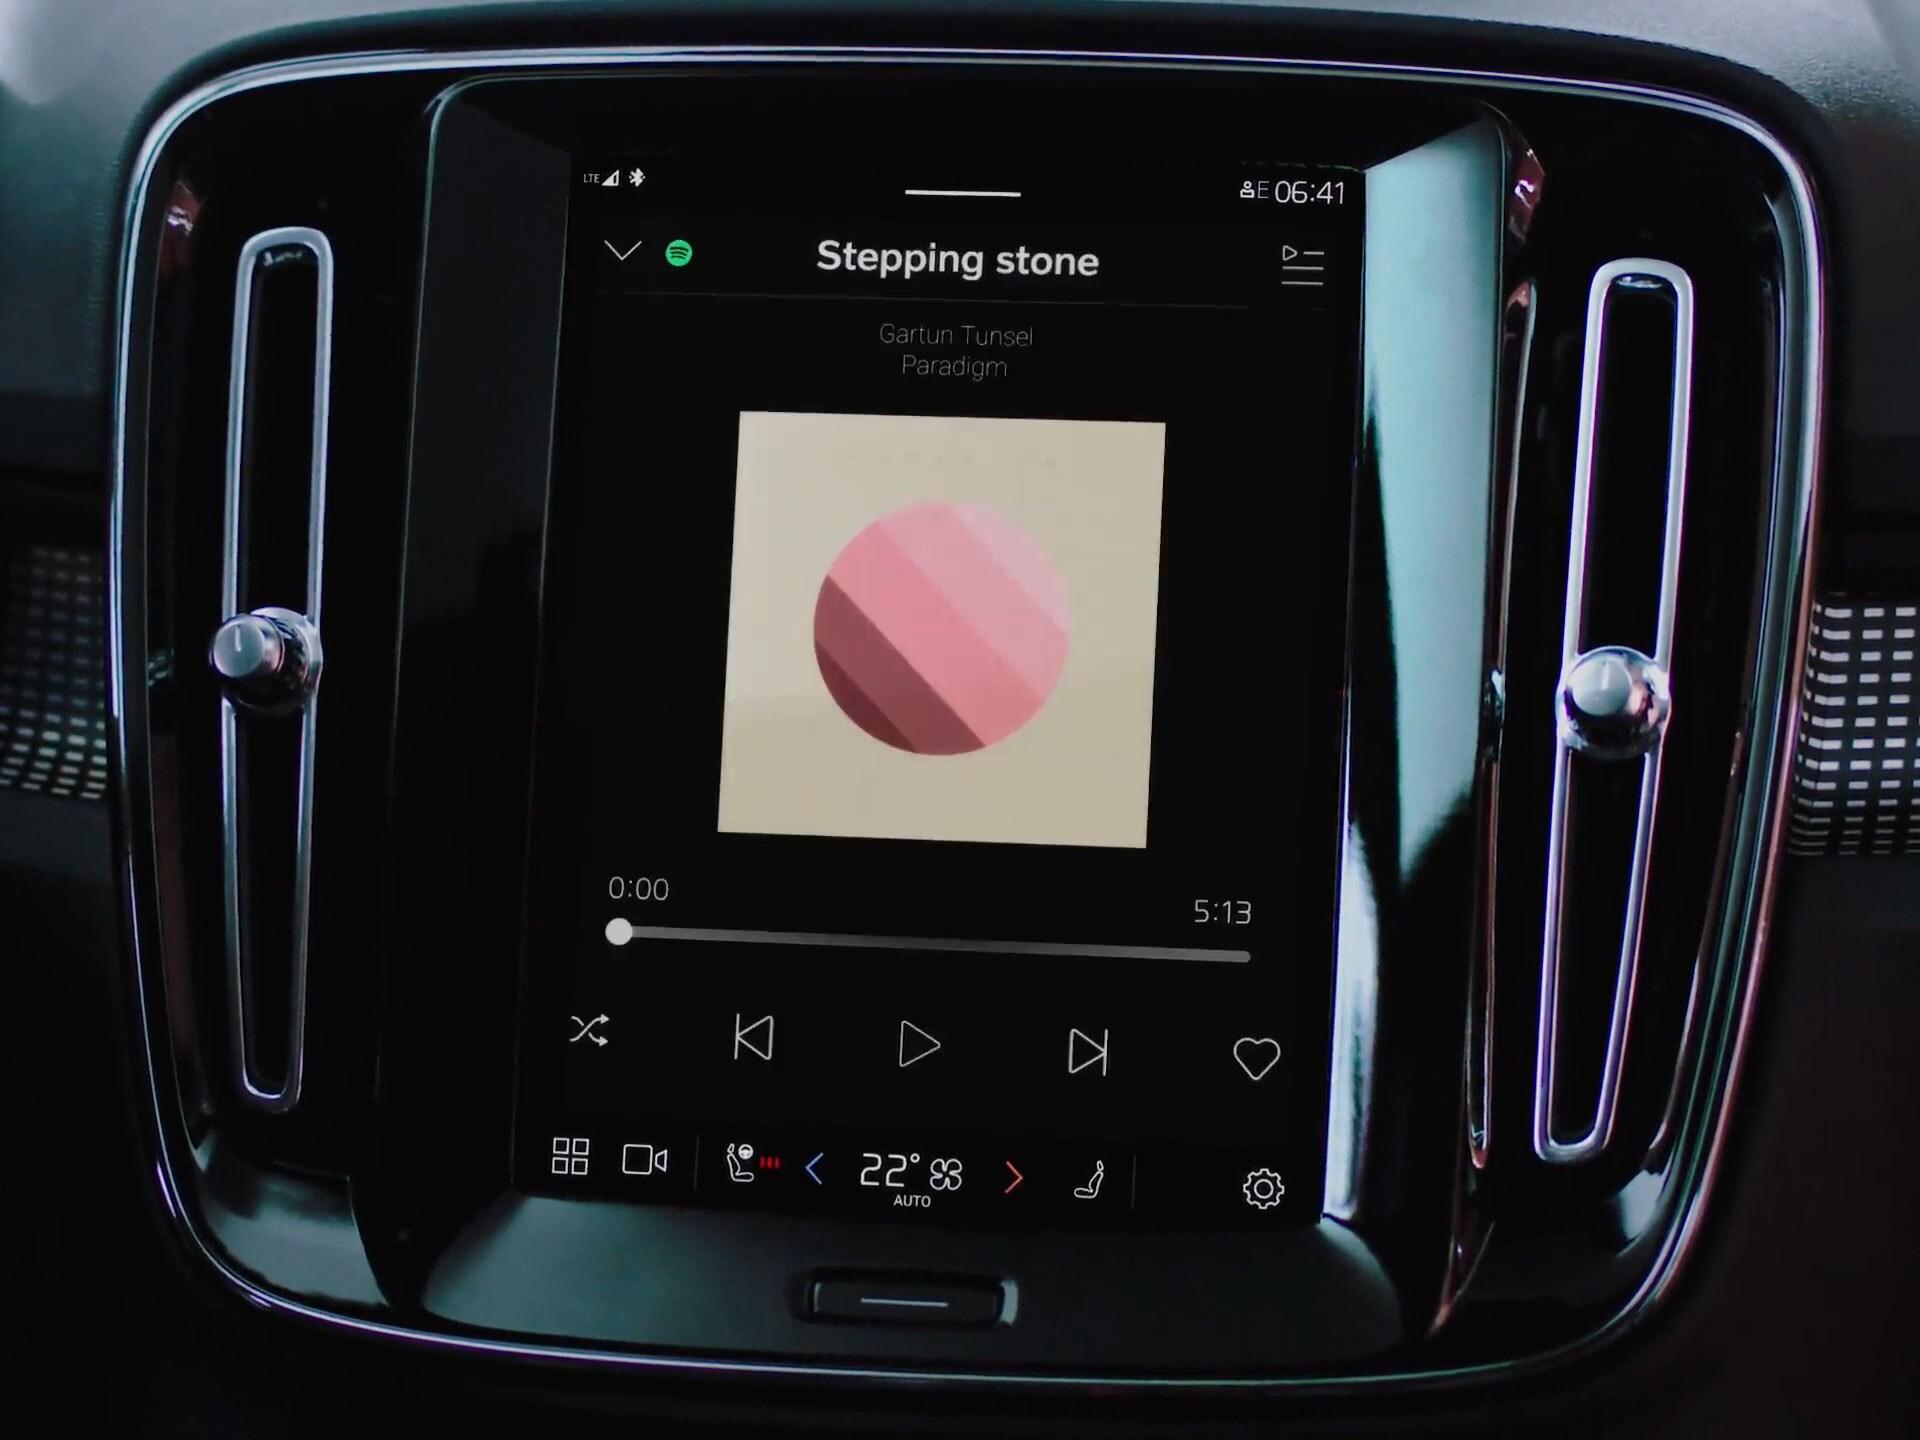 Controlo por voz em modo mãos-livres possível graças ao Google Assistant no XC40 Recharge